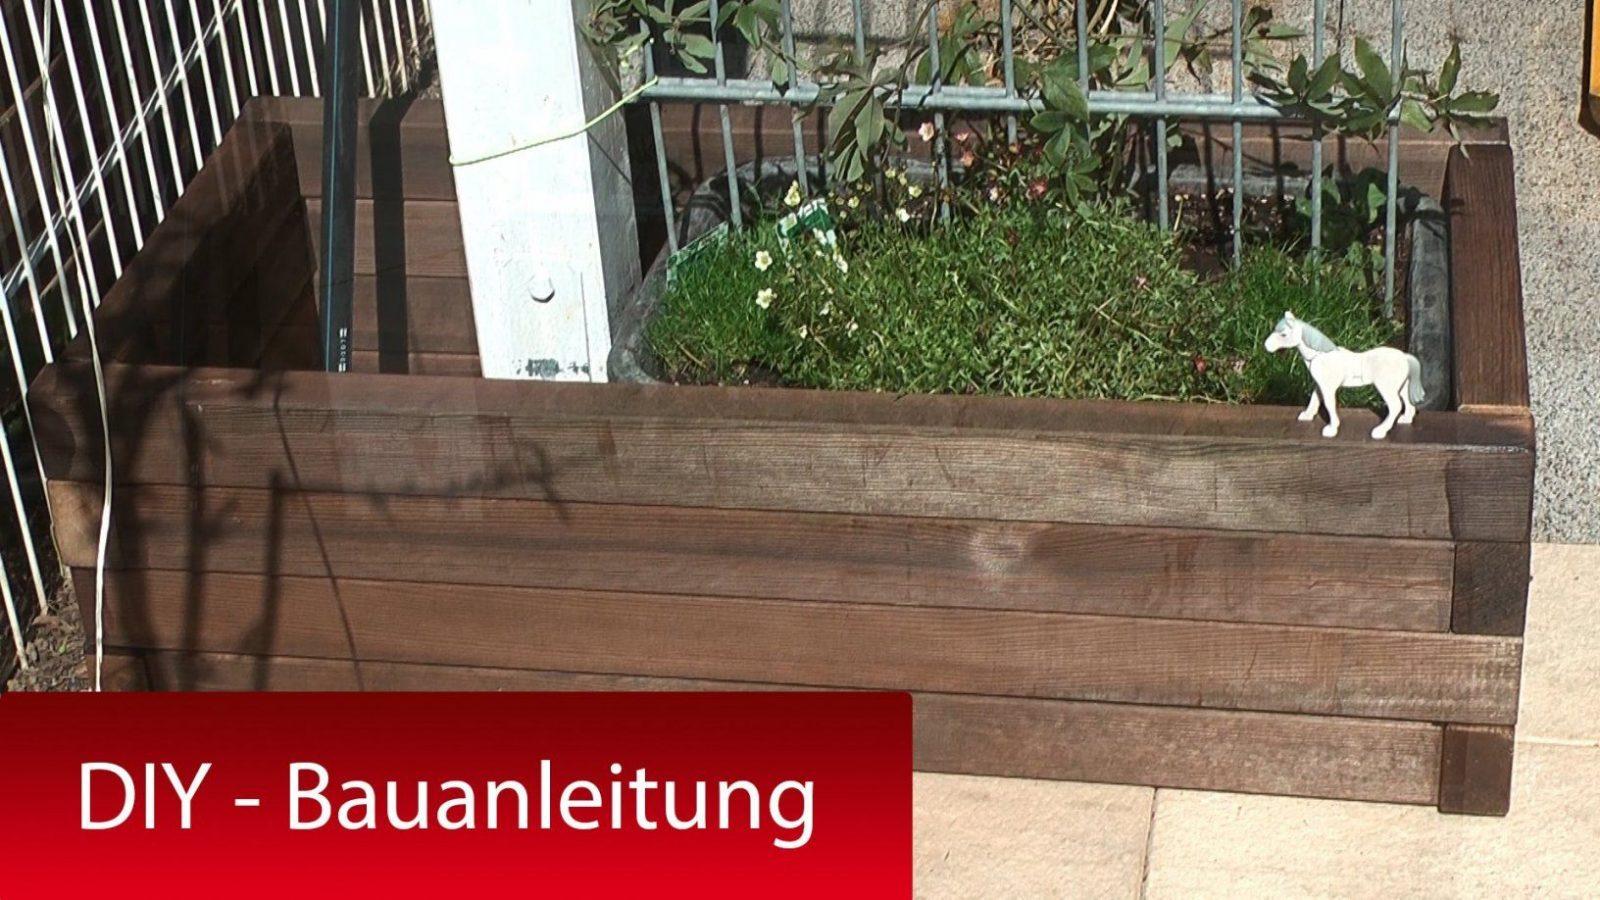 Pflanzkasten Pflanzkübel Mit Rankhilfe Selber Bauen  Diy Tutorial von Blumenkasten Mit Rankgitter Selber Bauen Photo